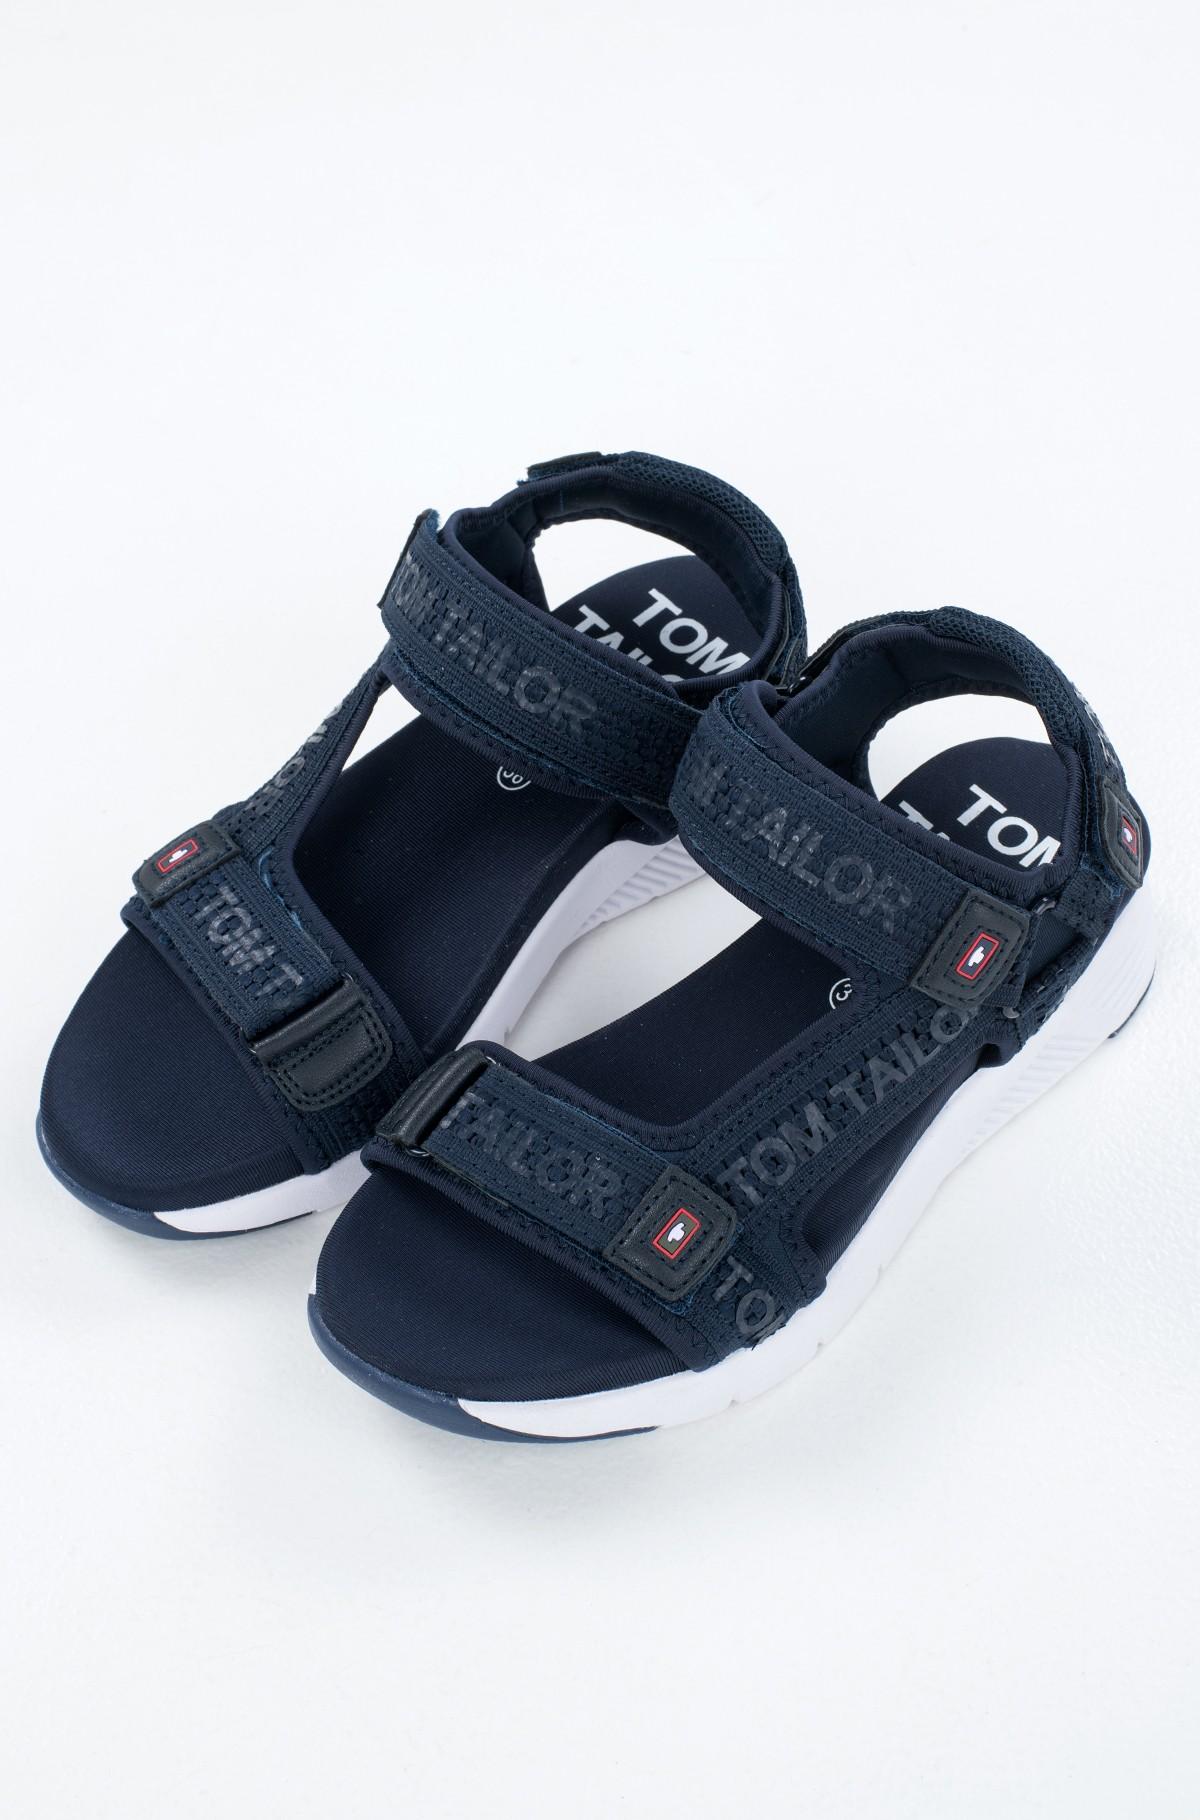 Sandals 8093601-full-1